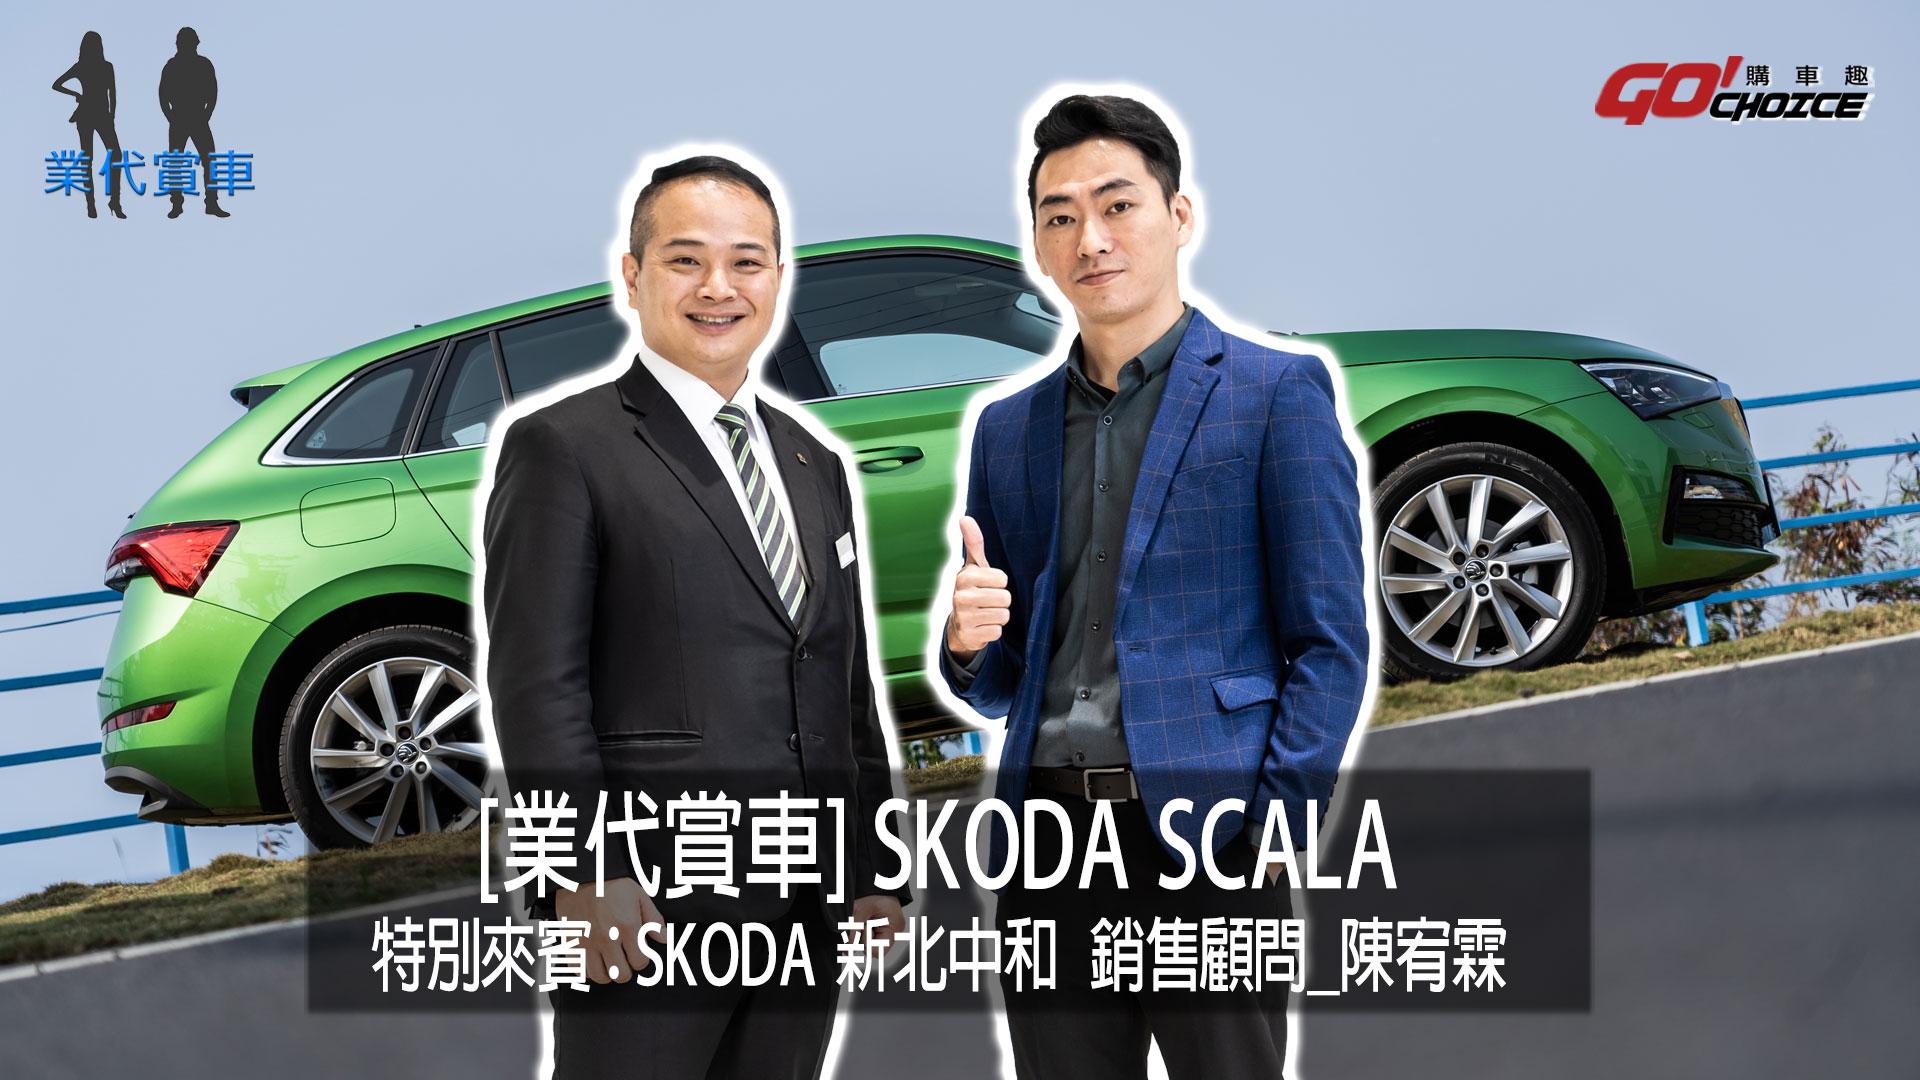 業代賞車-SKODA SCALA歐洲掀背新標竿-銷售顧問-SKODA中和_陳宥霖